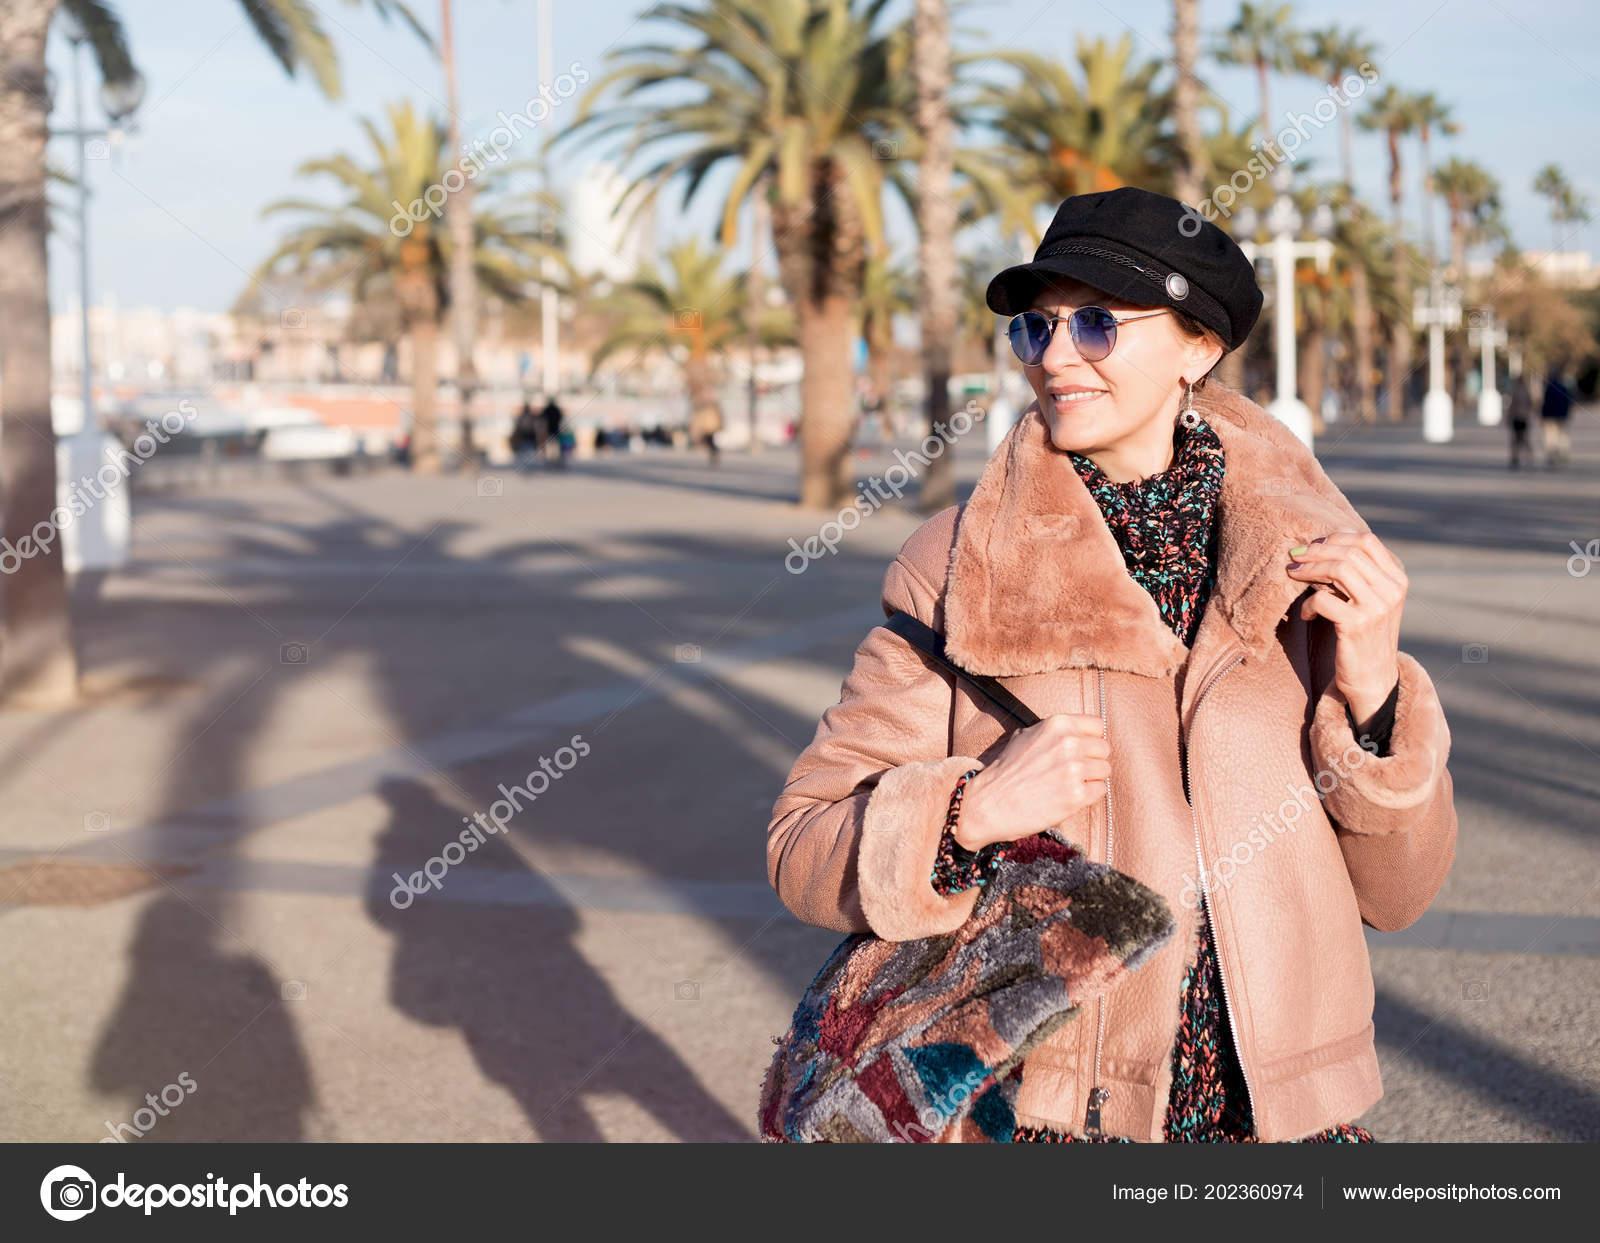 25944bbae5920 Séduisante milieu adulte femme souriante. Proche jusqu'à belle femme  élégante qui marche en manteau rose de mode, casquette rétro tenant sac,  souriant, ...